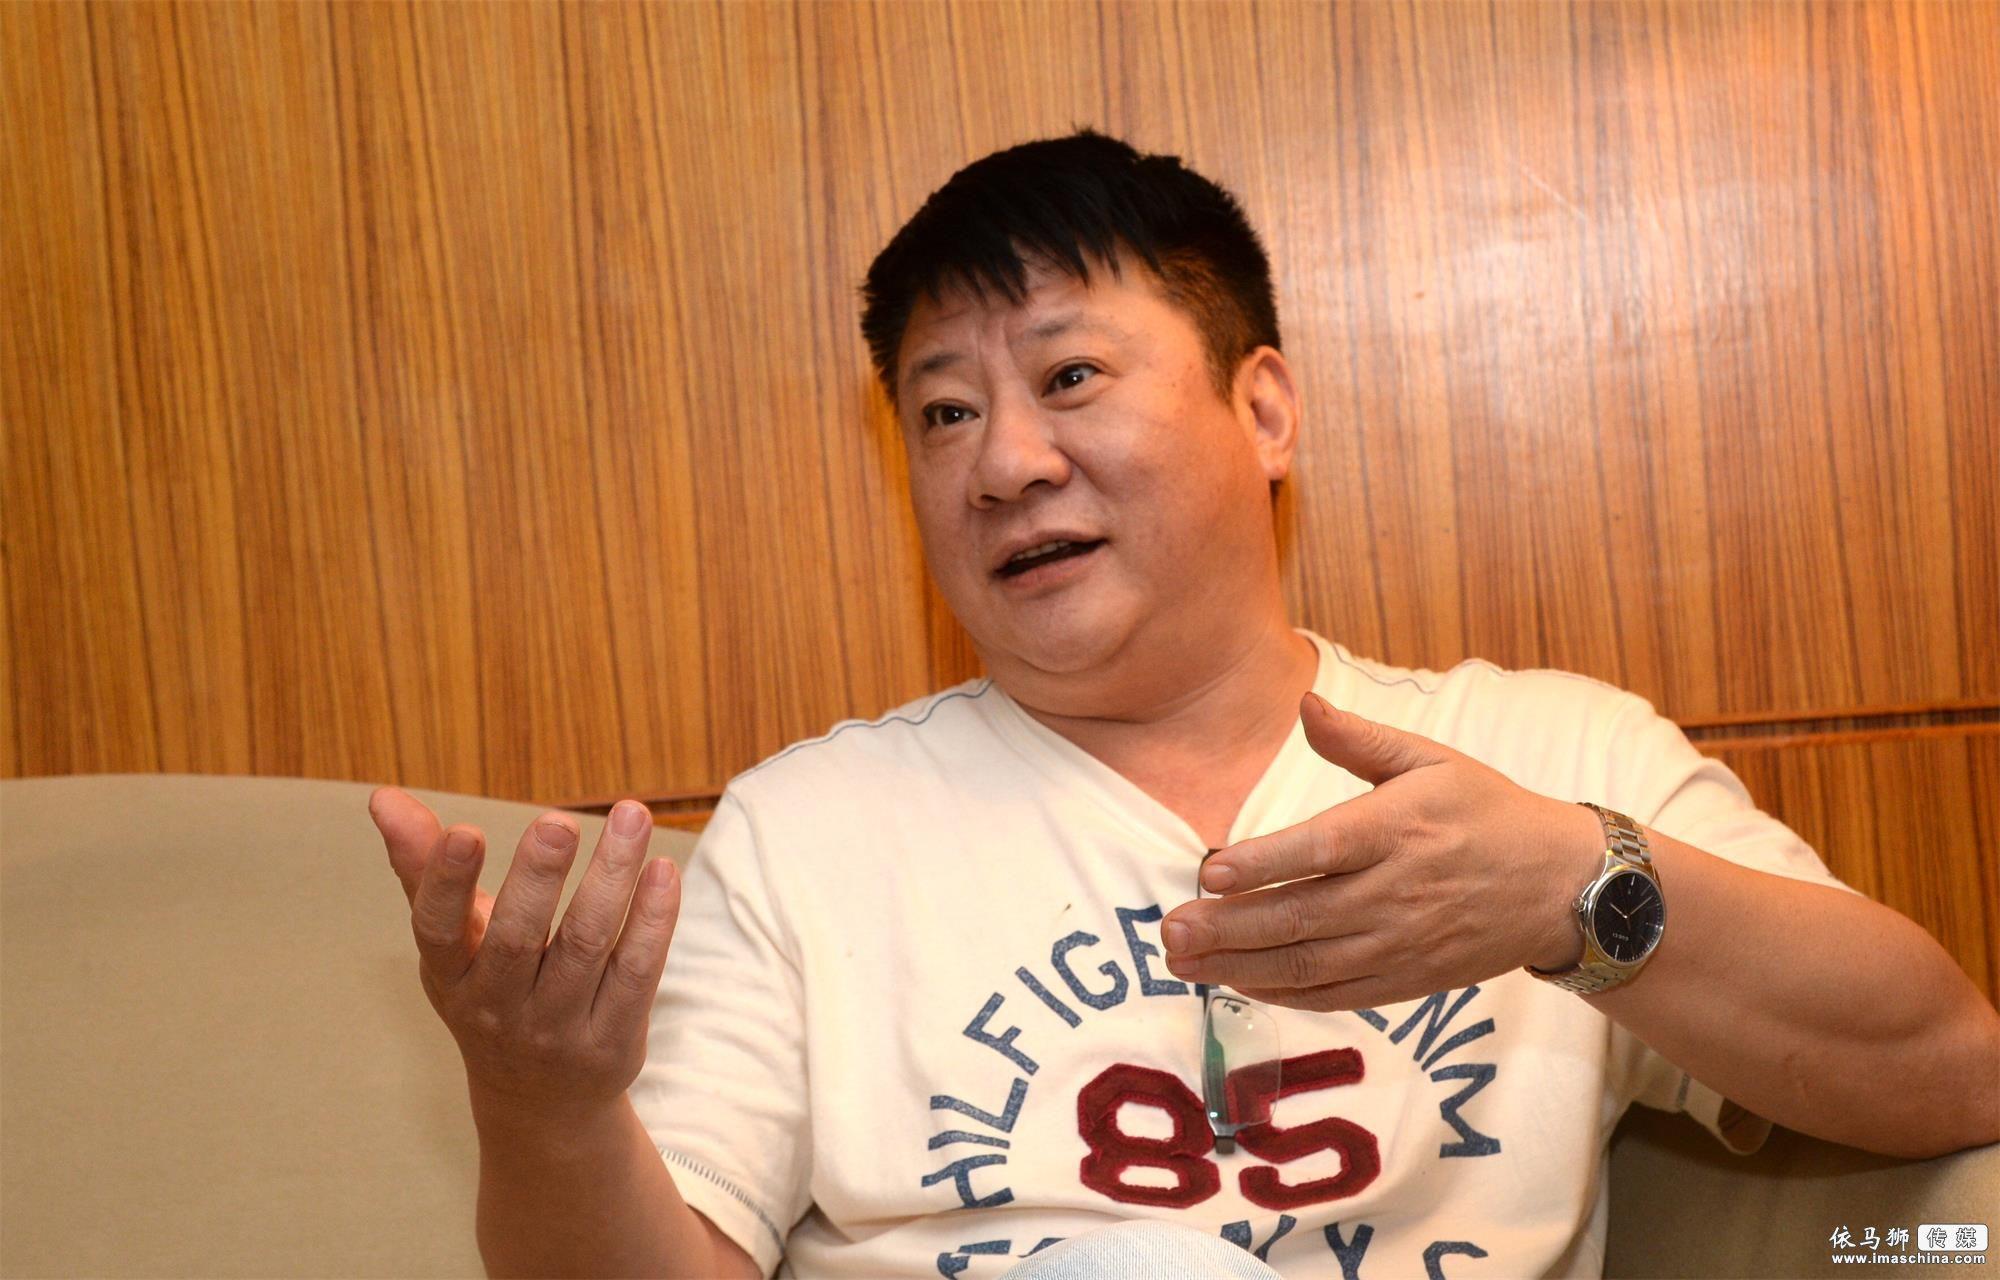 《天籁梦想》:人文关怀不止于嘴上说说 - 电影中国 - 依马狮传媒旗下品牌